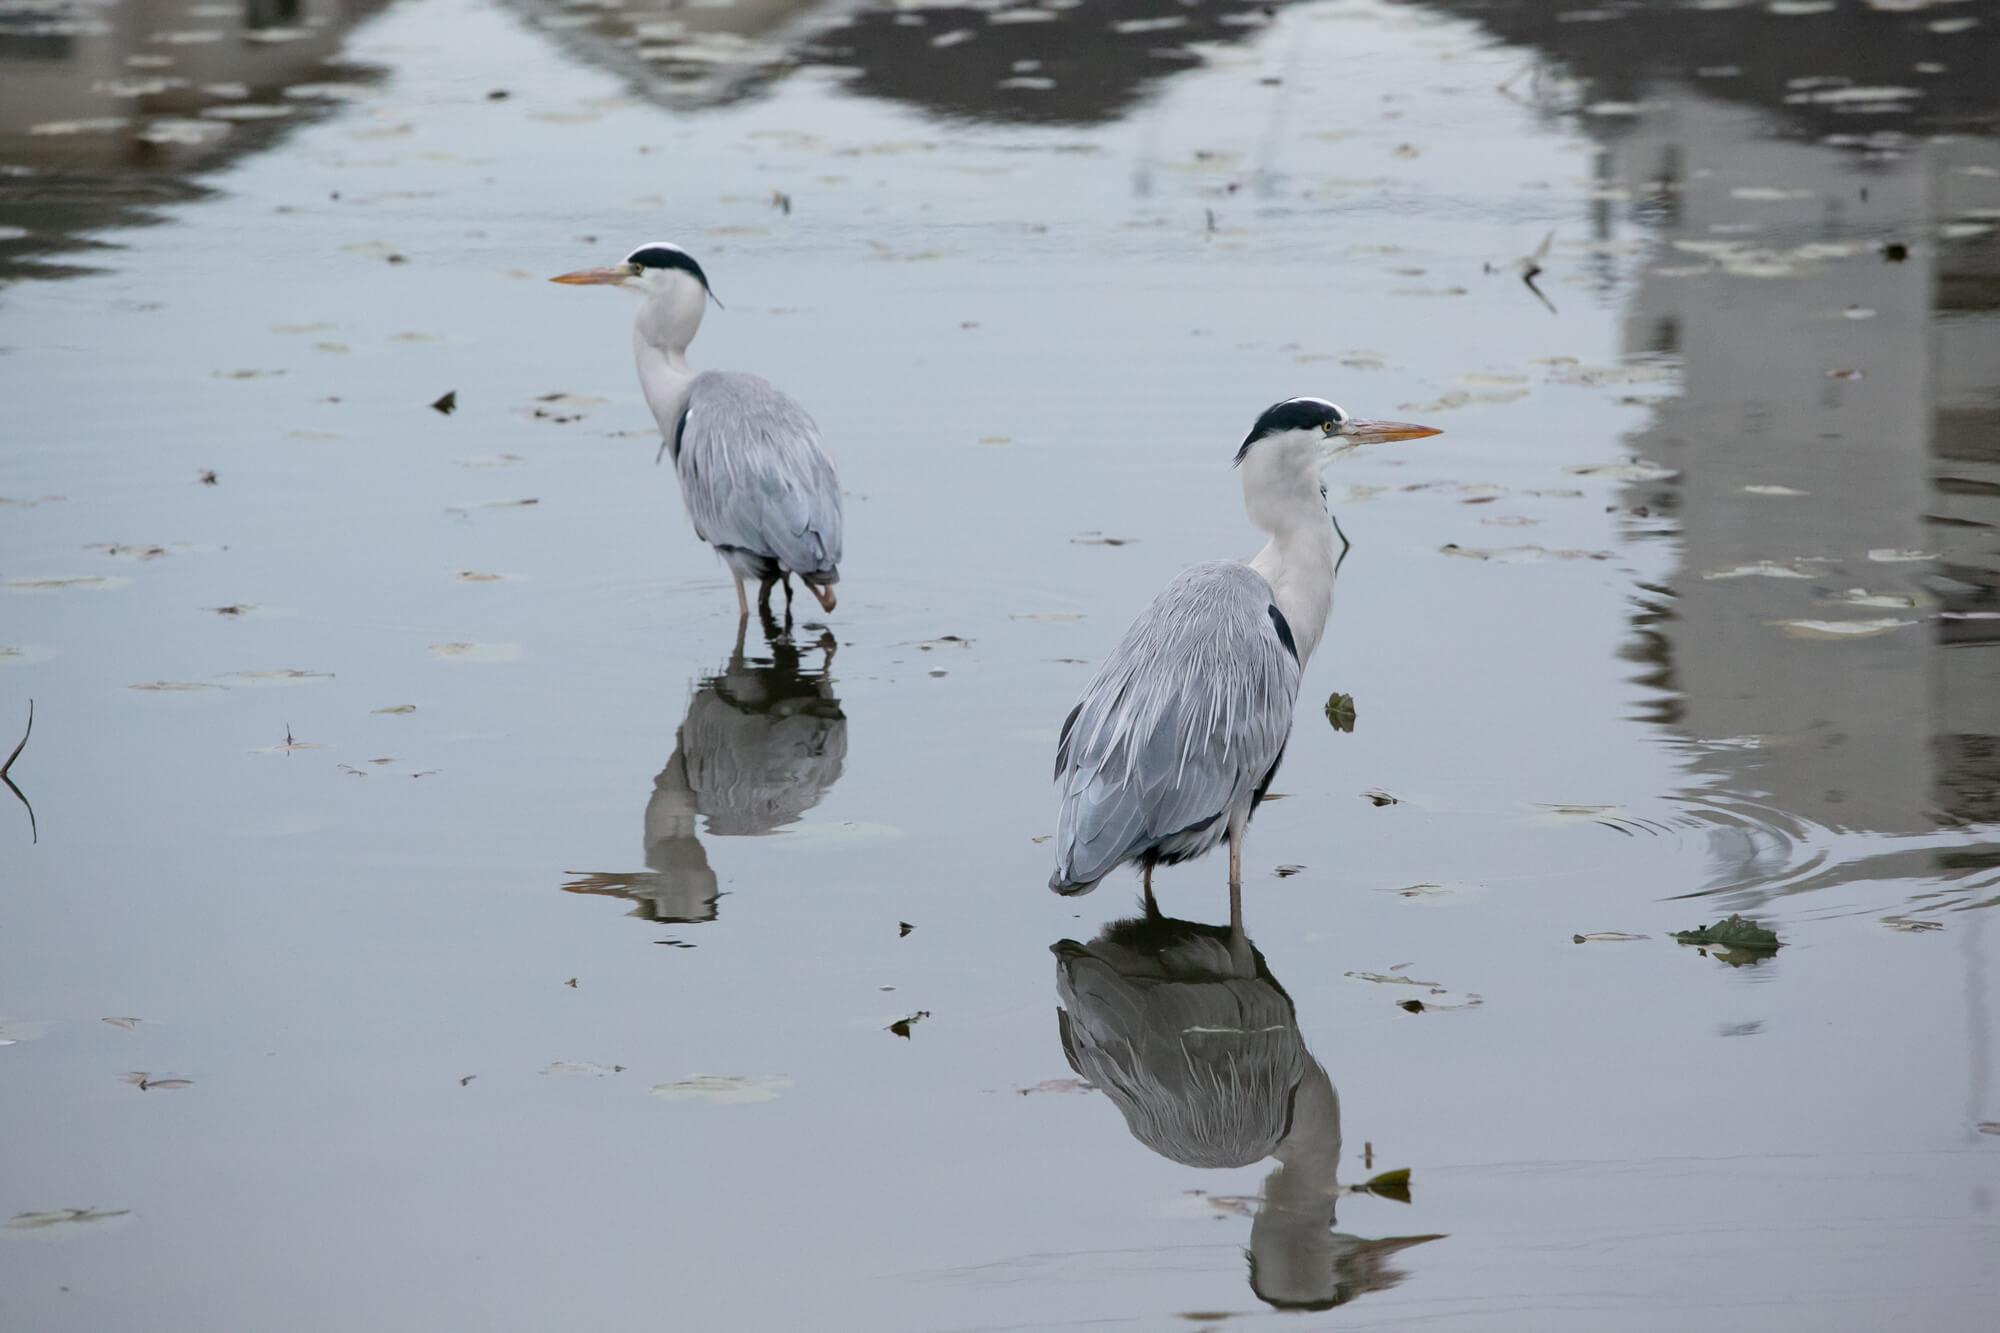 訪れた日には、白鷺が2羽、羽を休めていました。